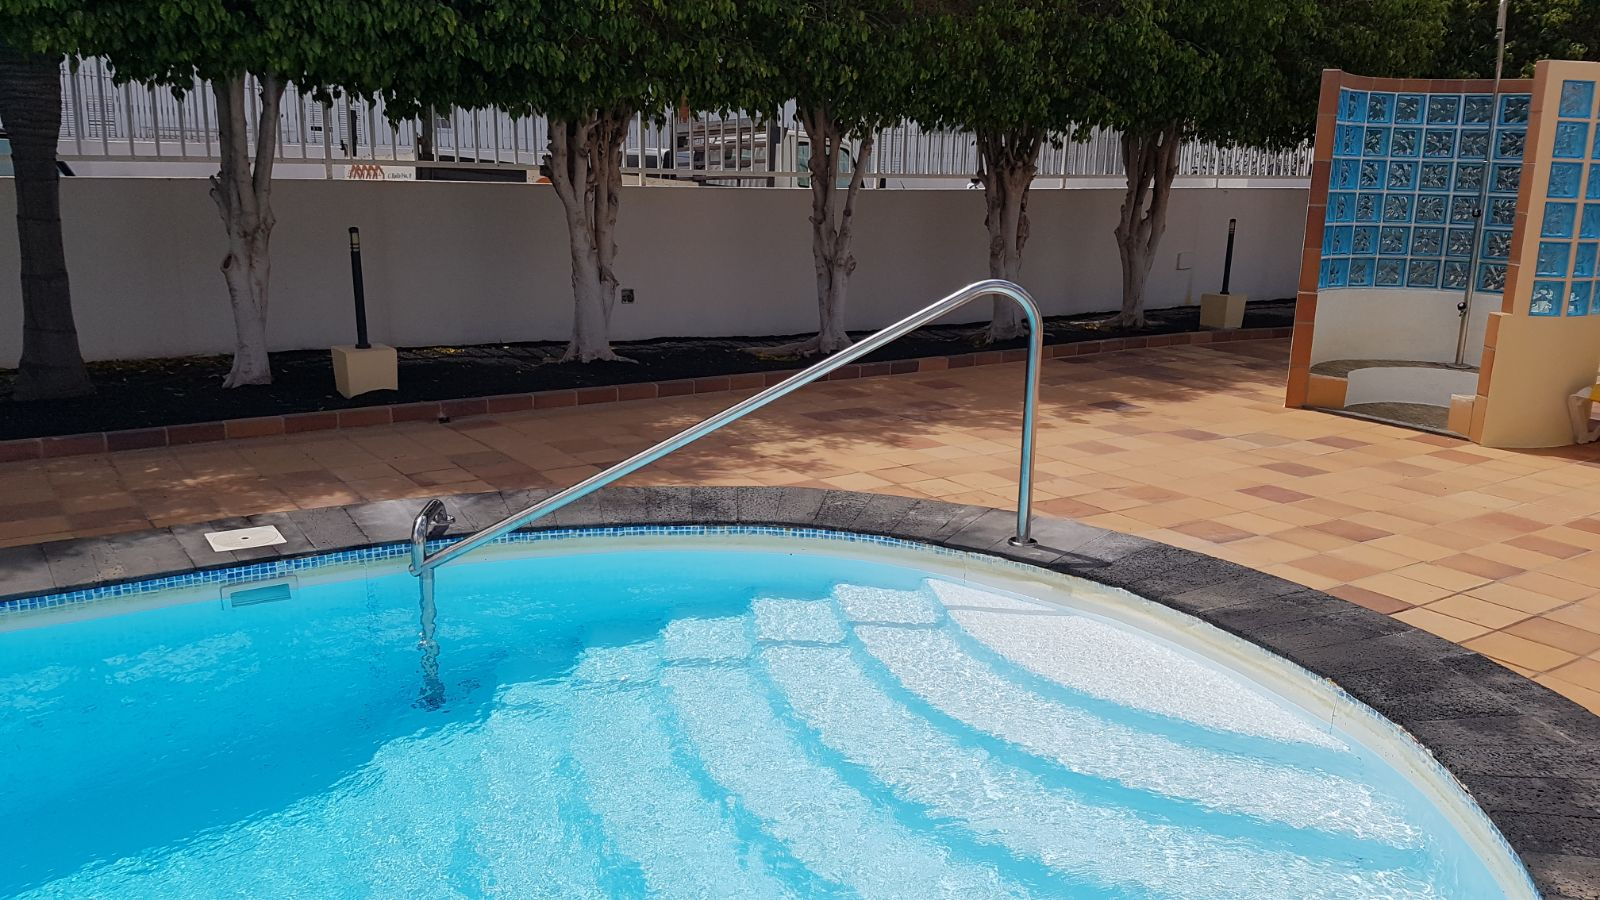 pasamanos para piscina estructuras met licas lanzarote s